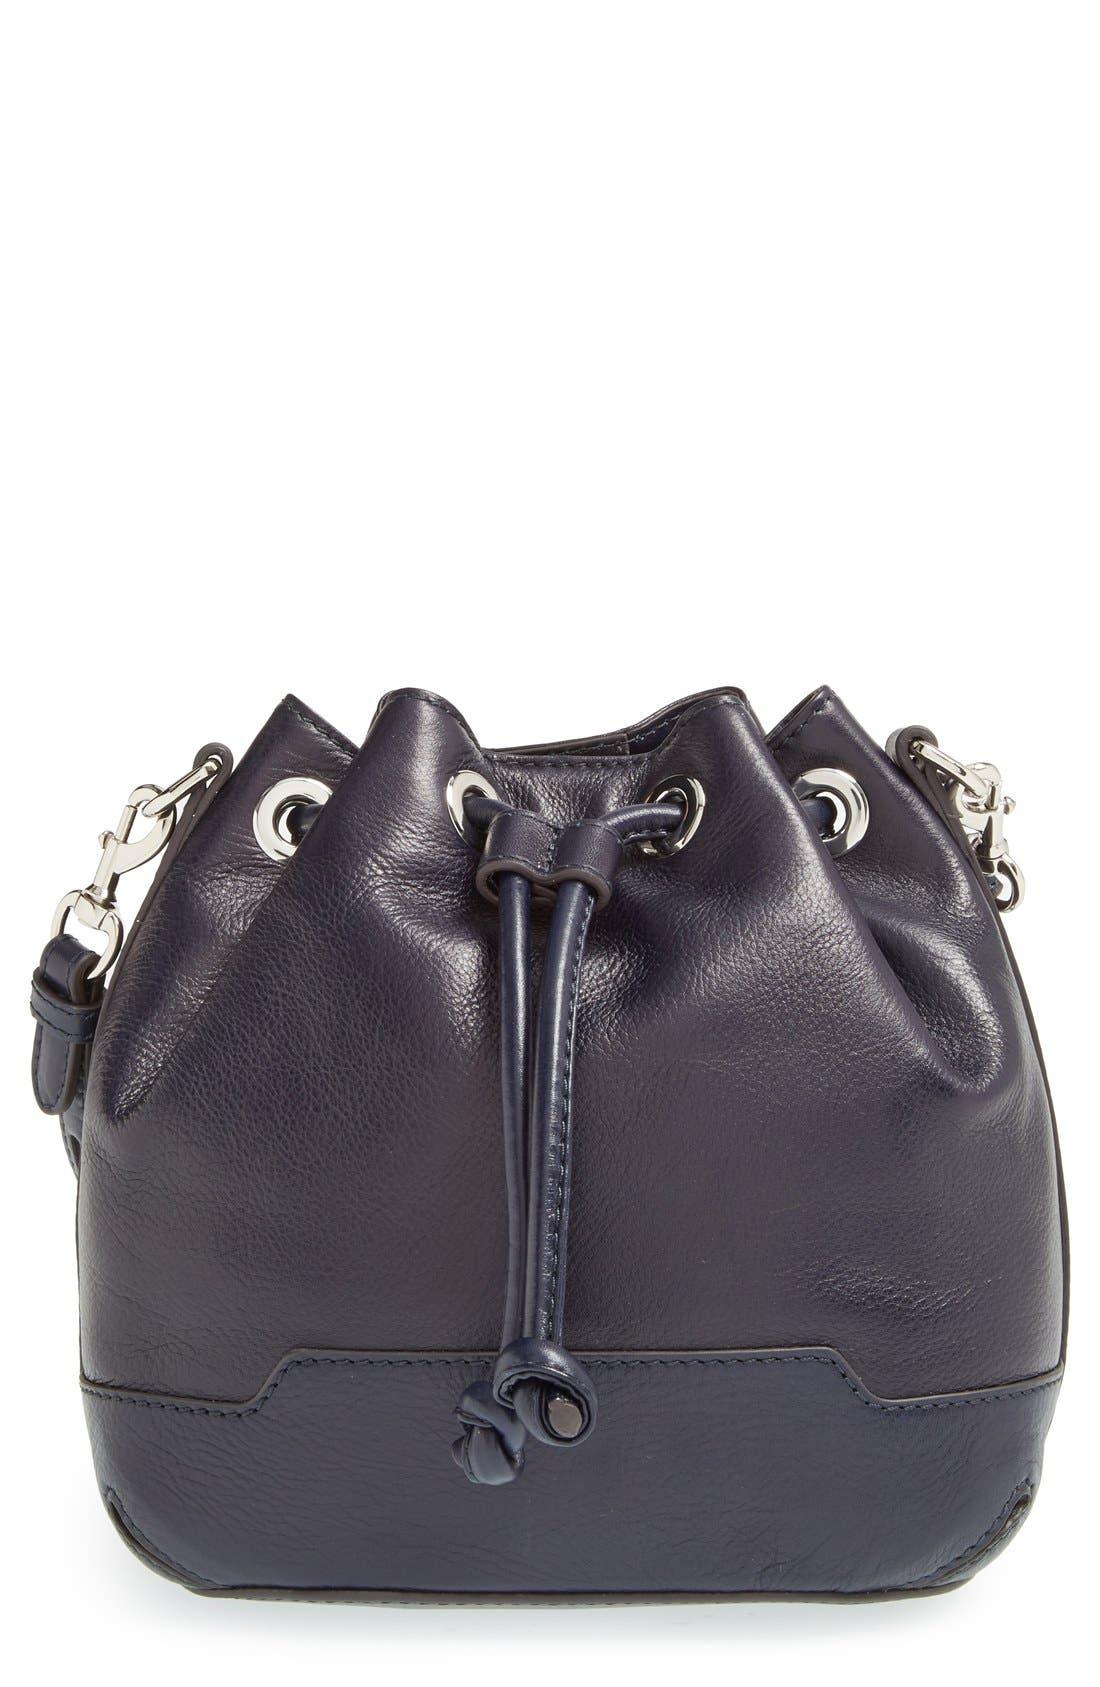 Main Image - Rebecca Minkoff 'Mini Fiona' Bucket Bag